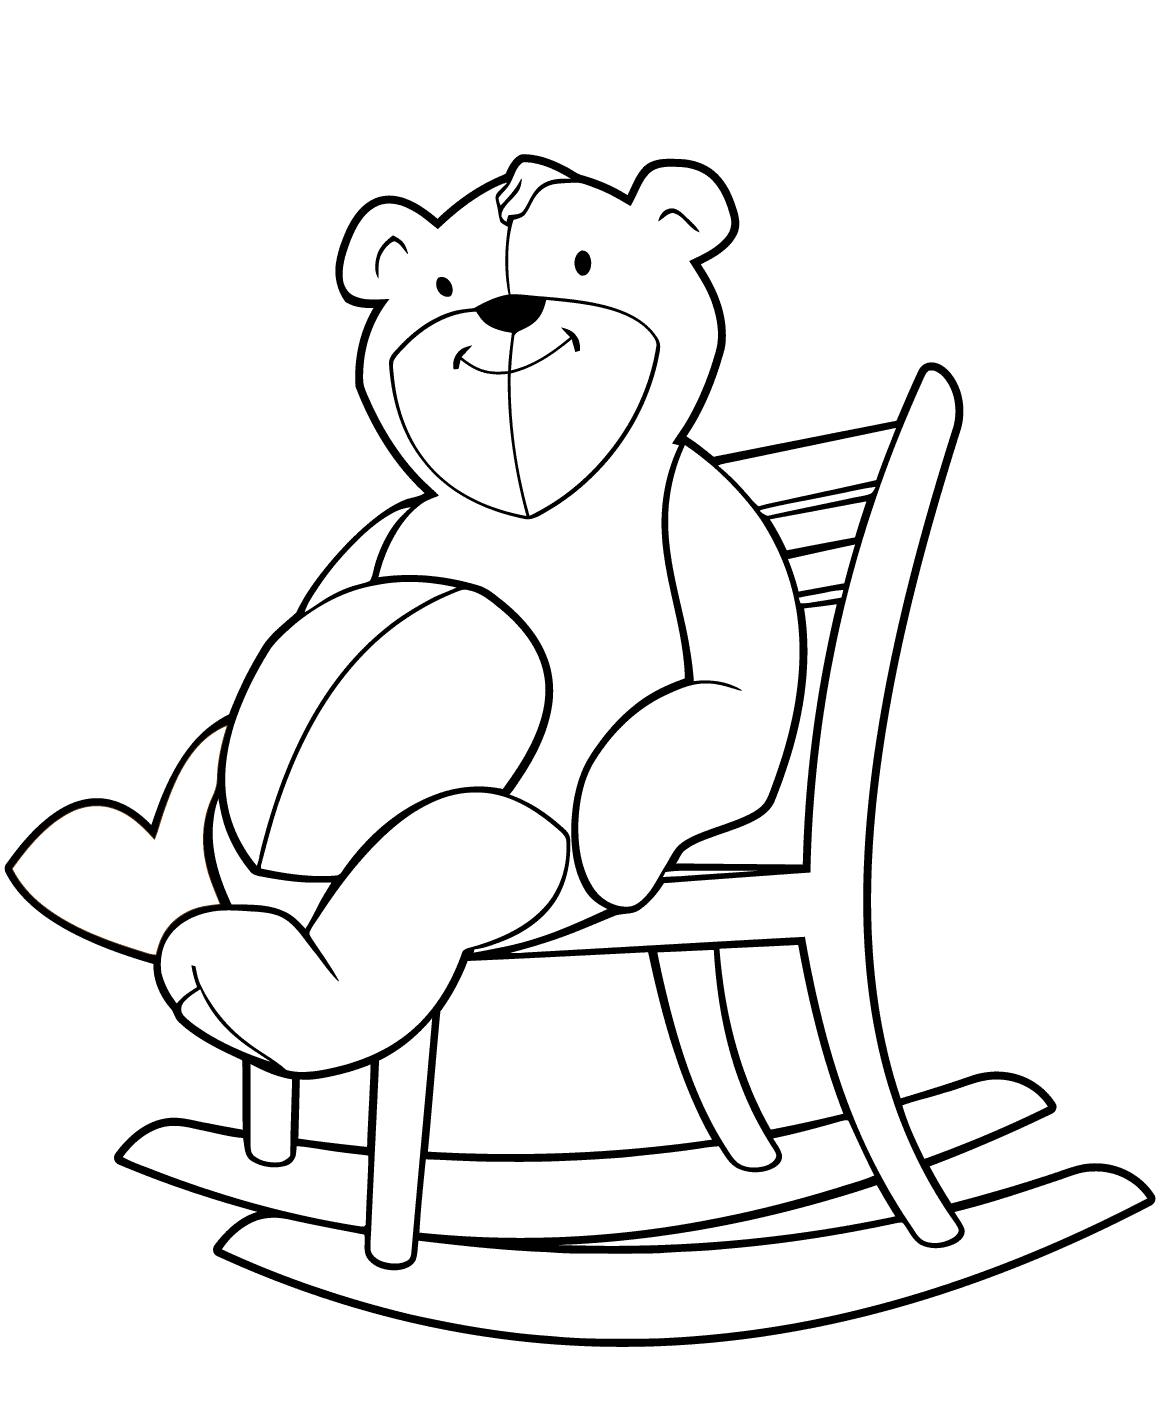 Teddy On A Rocking Chair